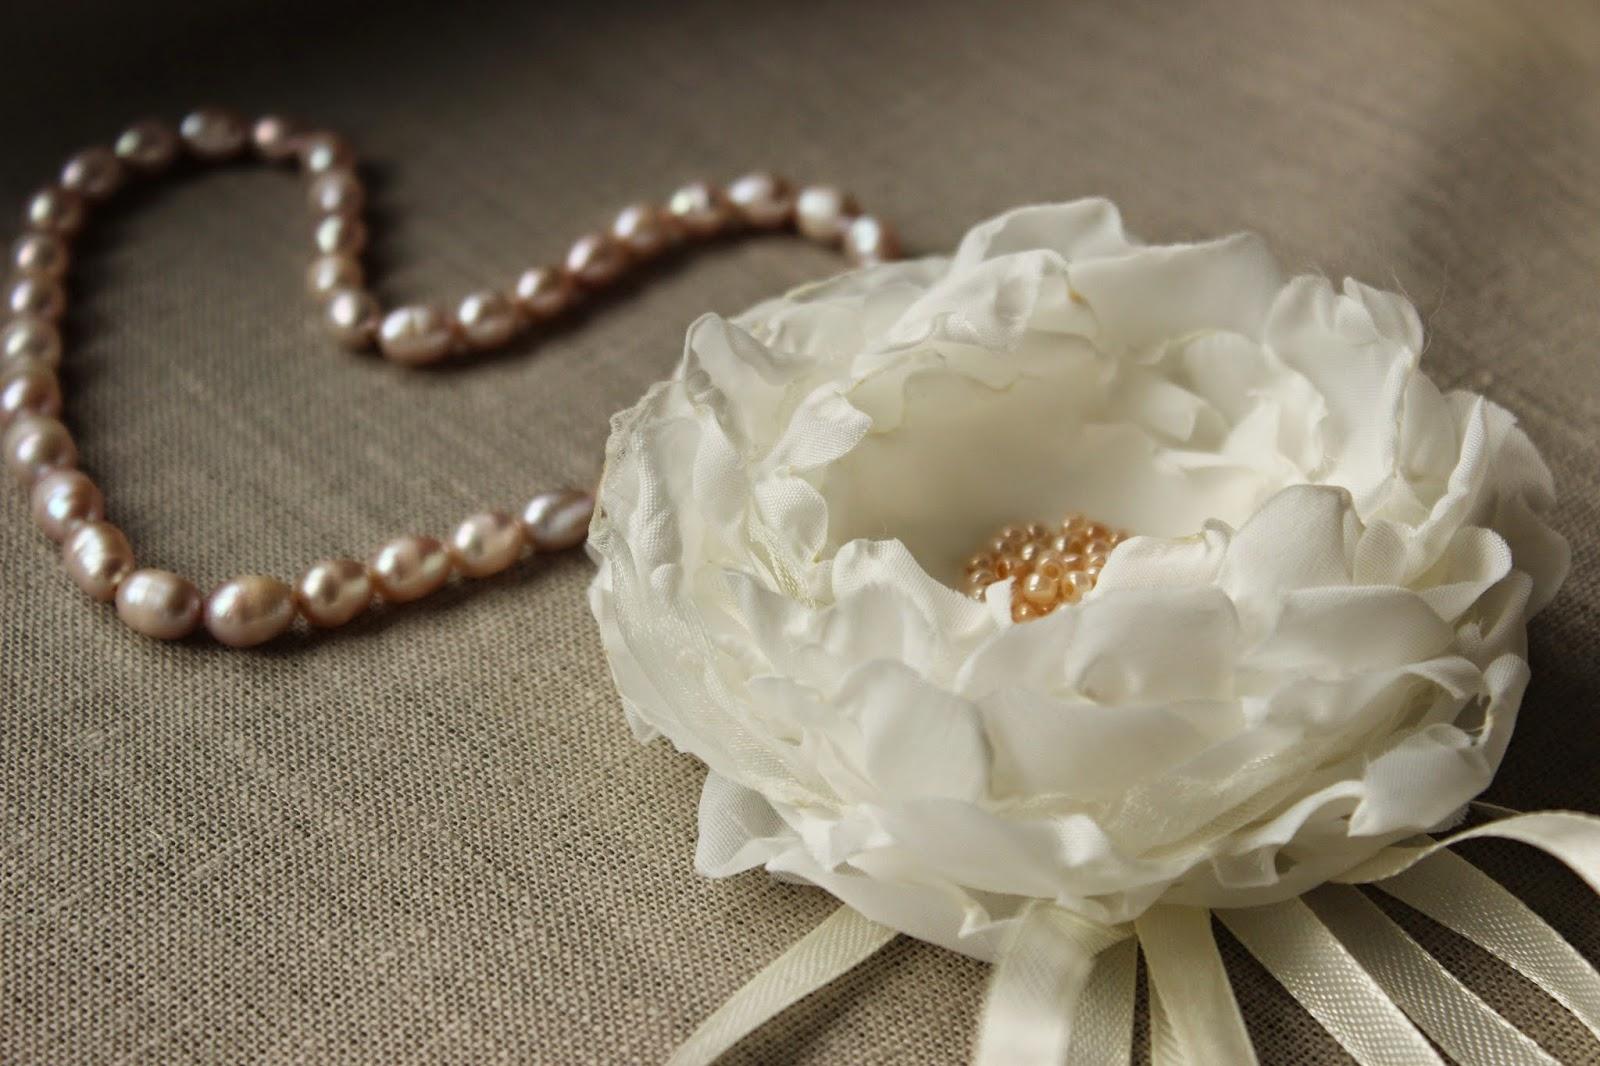 свадебные аксессуары, украшение для невесты. подушка для колец, подушечка для колец, для свадьбы, свадебное, декор для свадьбы, текстильный цветок, украшение на запястье, цветы невесты